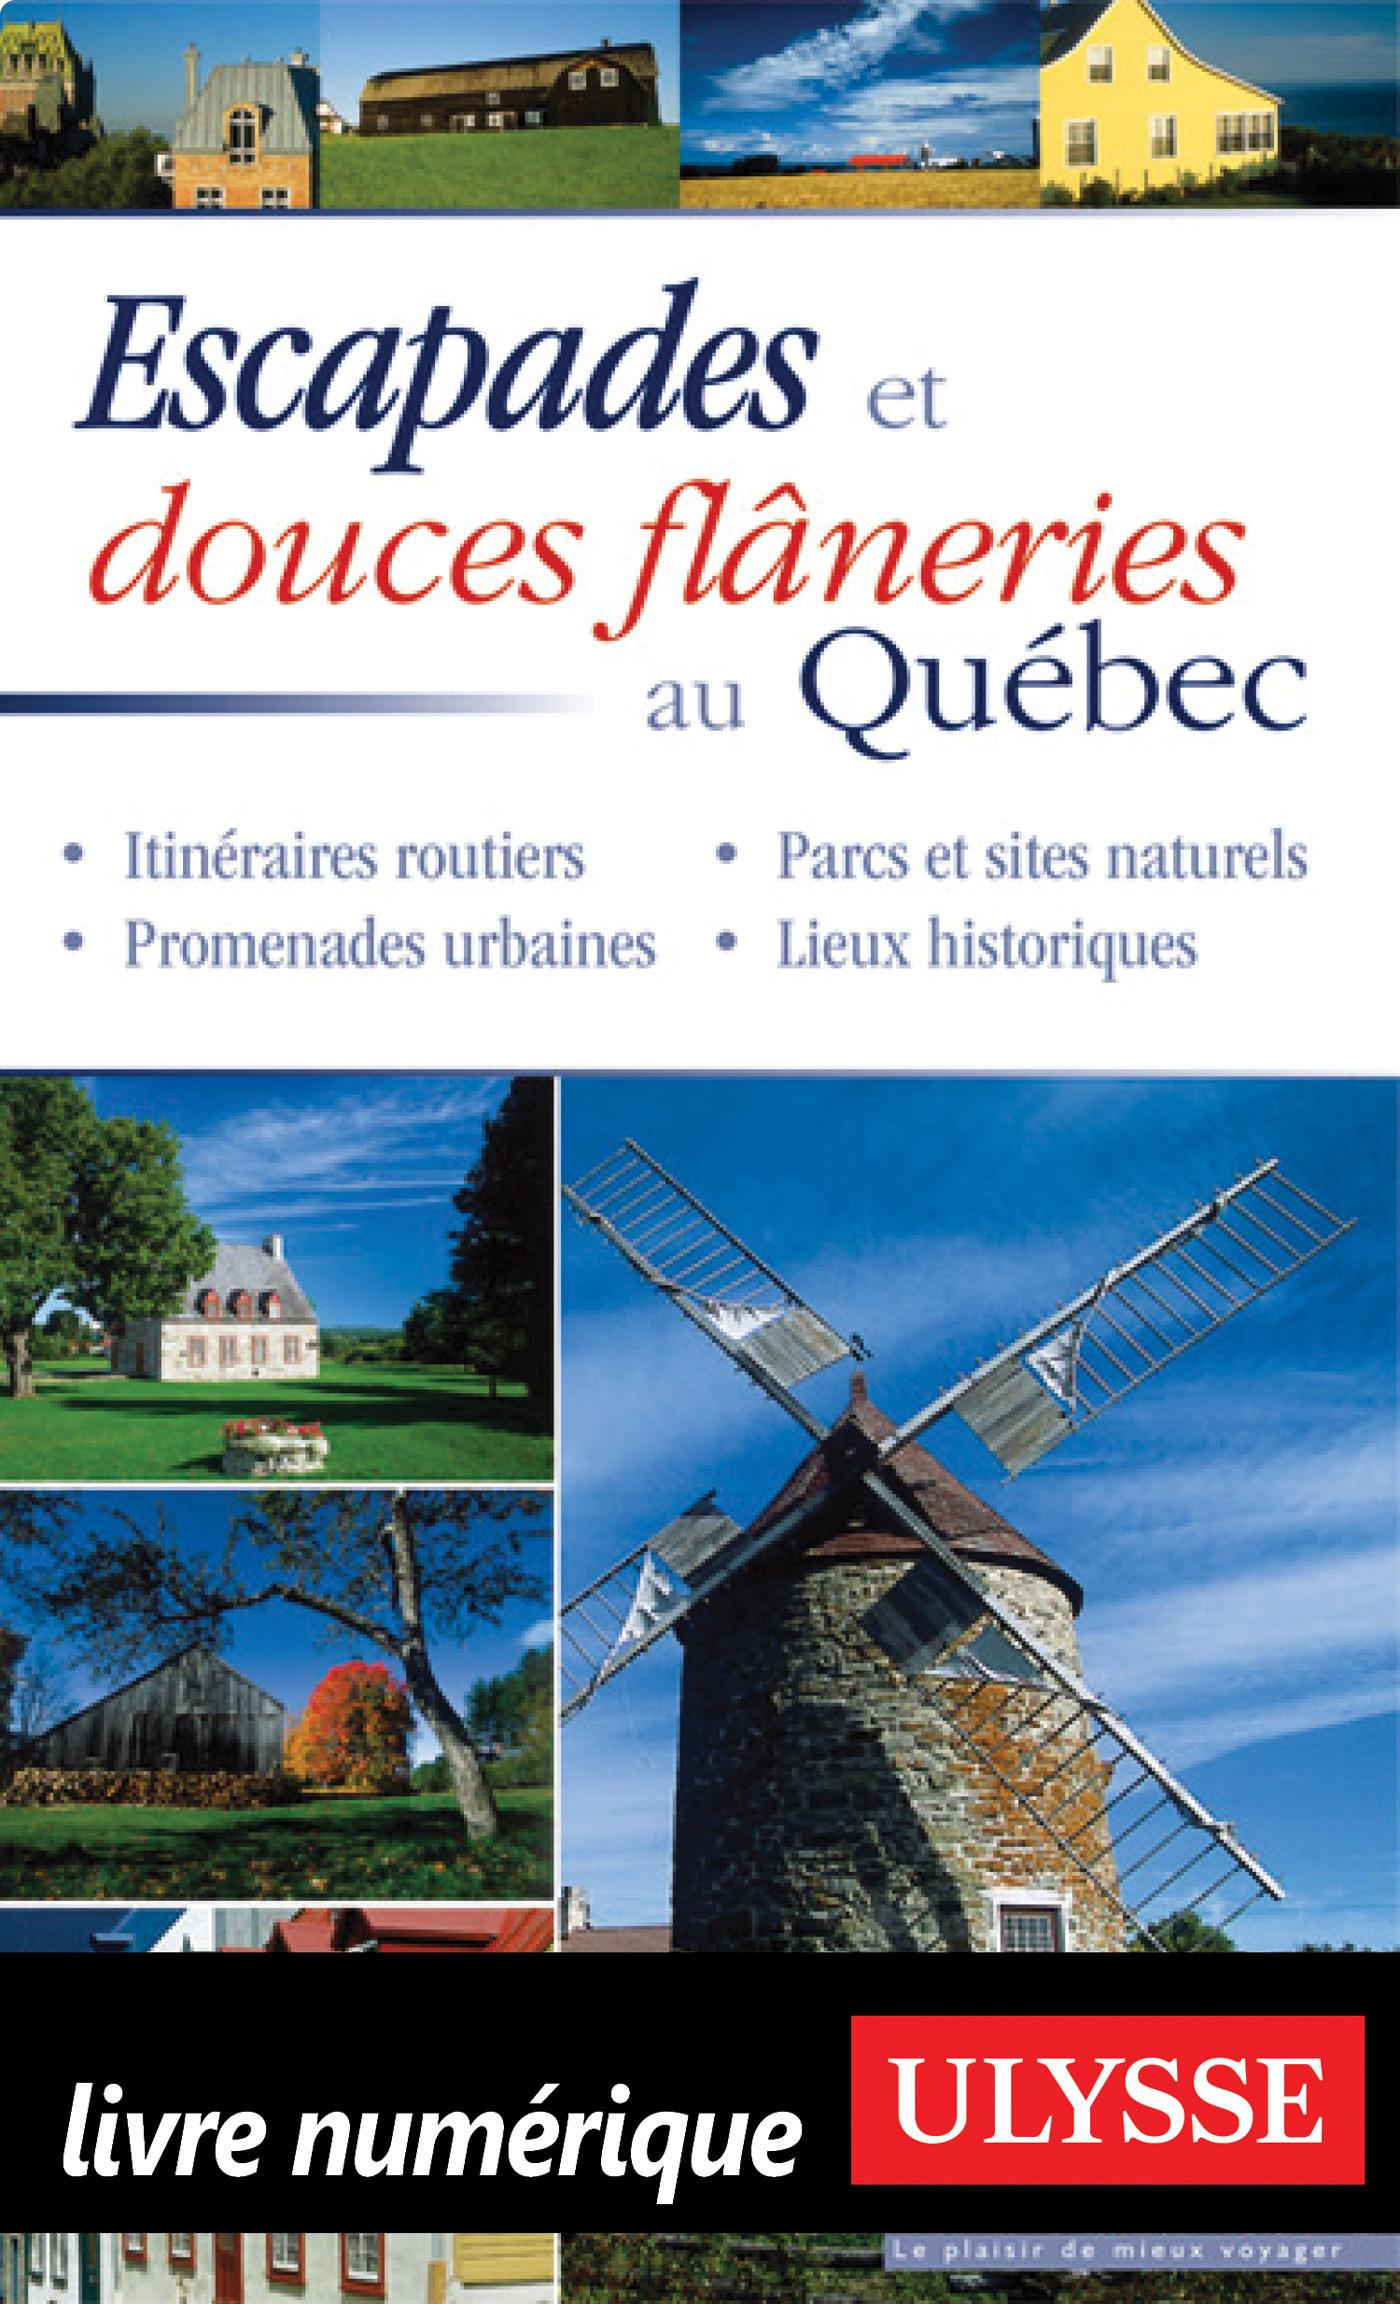 Escapades et douces flaneries au Québec